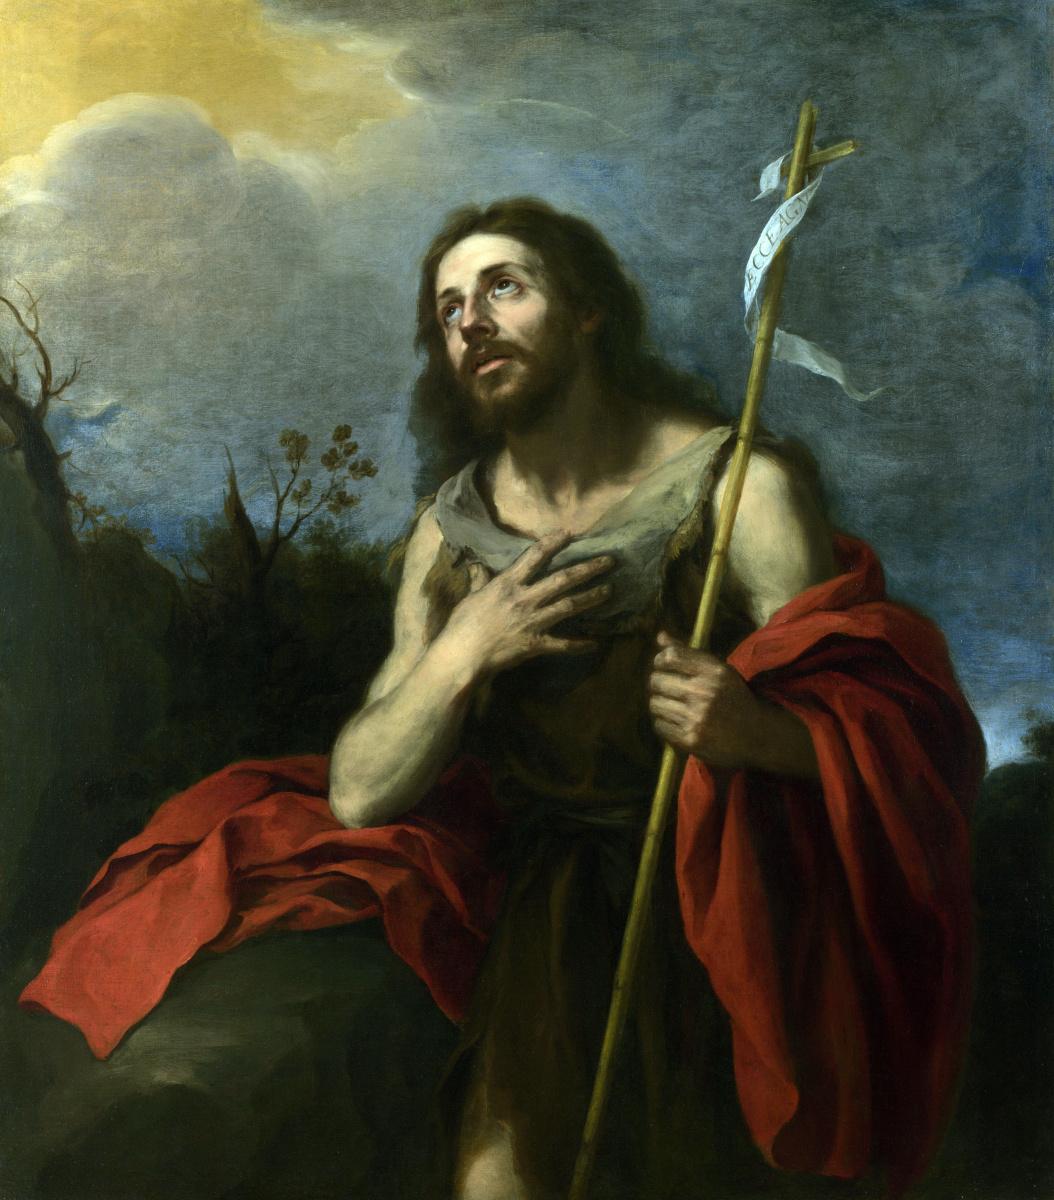 Бартоломе Эстебан Мурильо. Святой Иоанн предтеча в пустыне